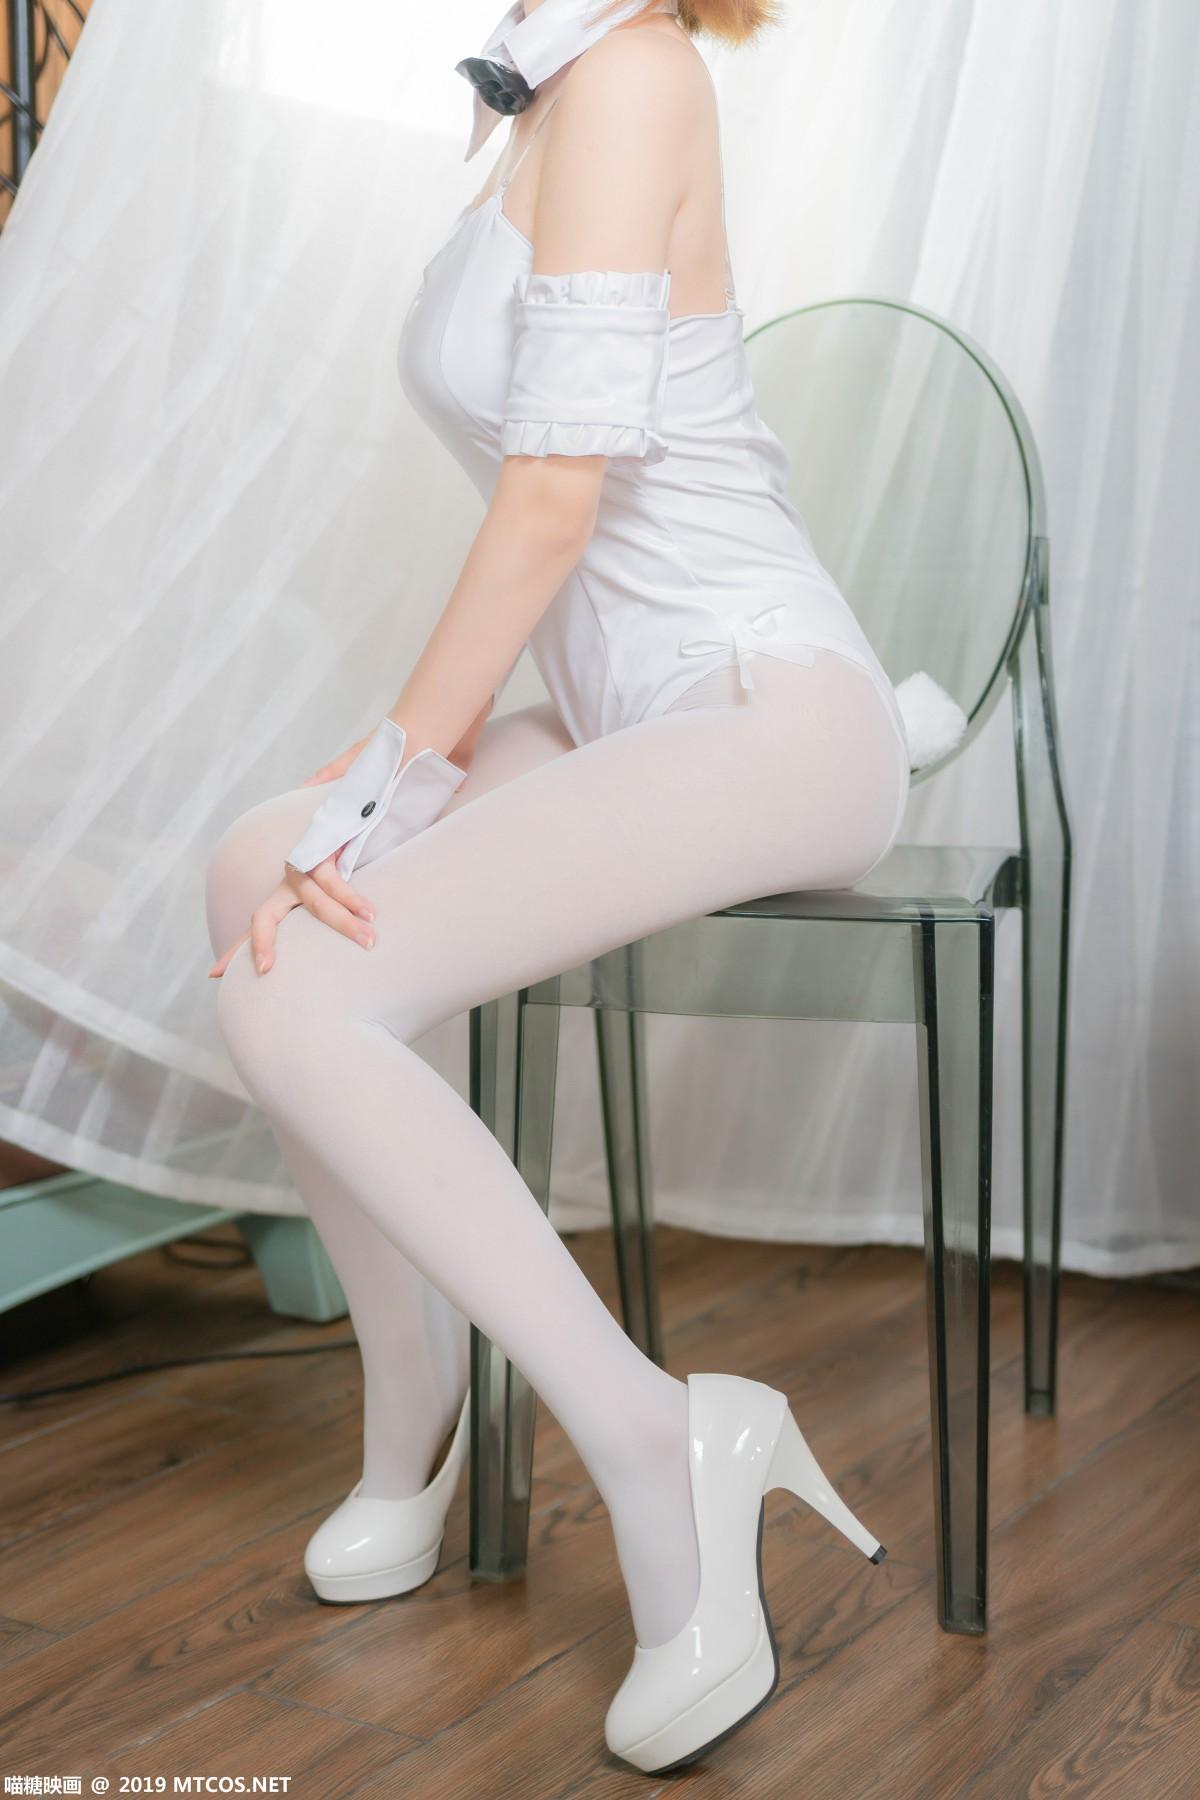 [喵糖映画]VOL.041 白色兔女郎[42P] 喵糖映画 第3张